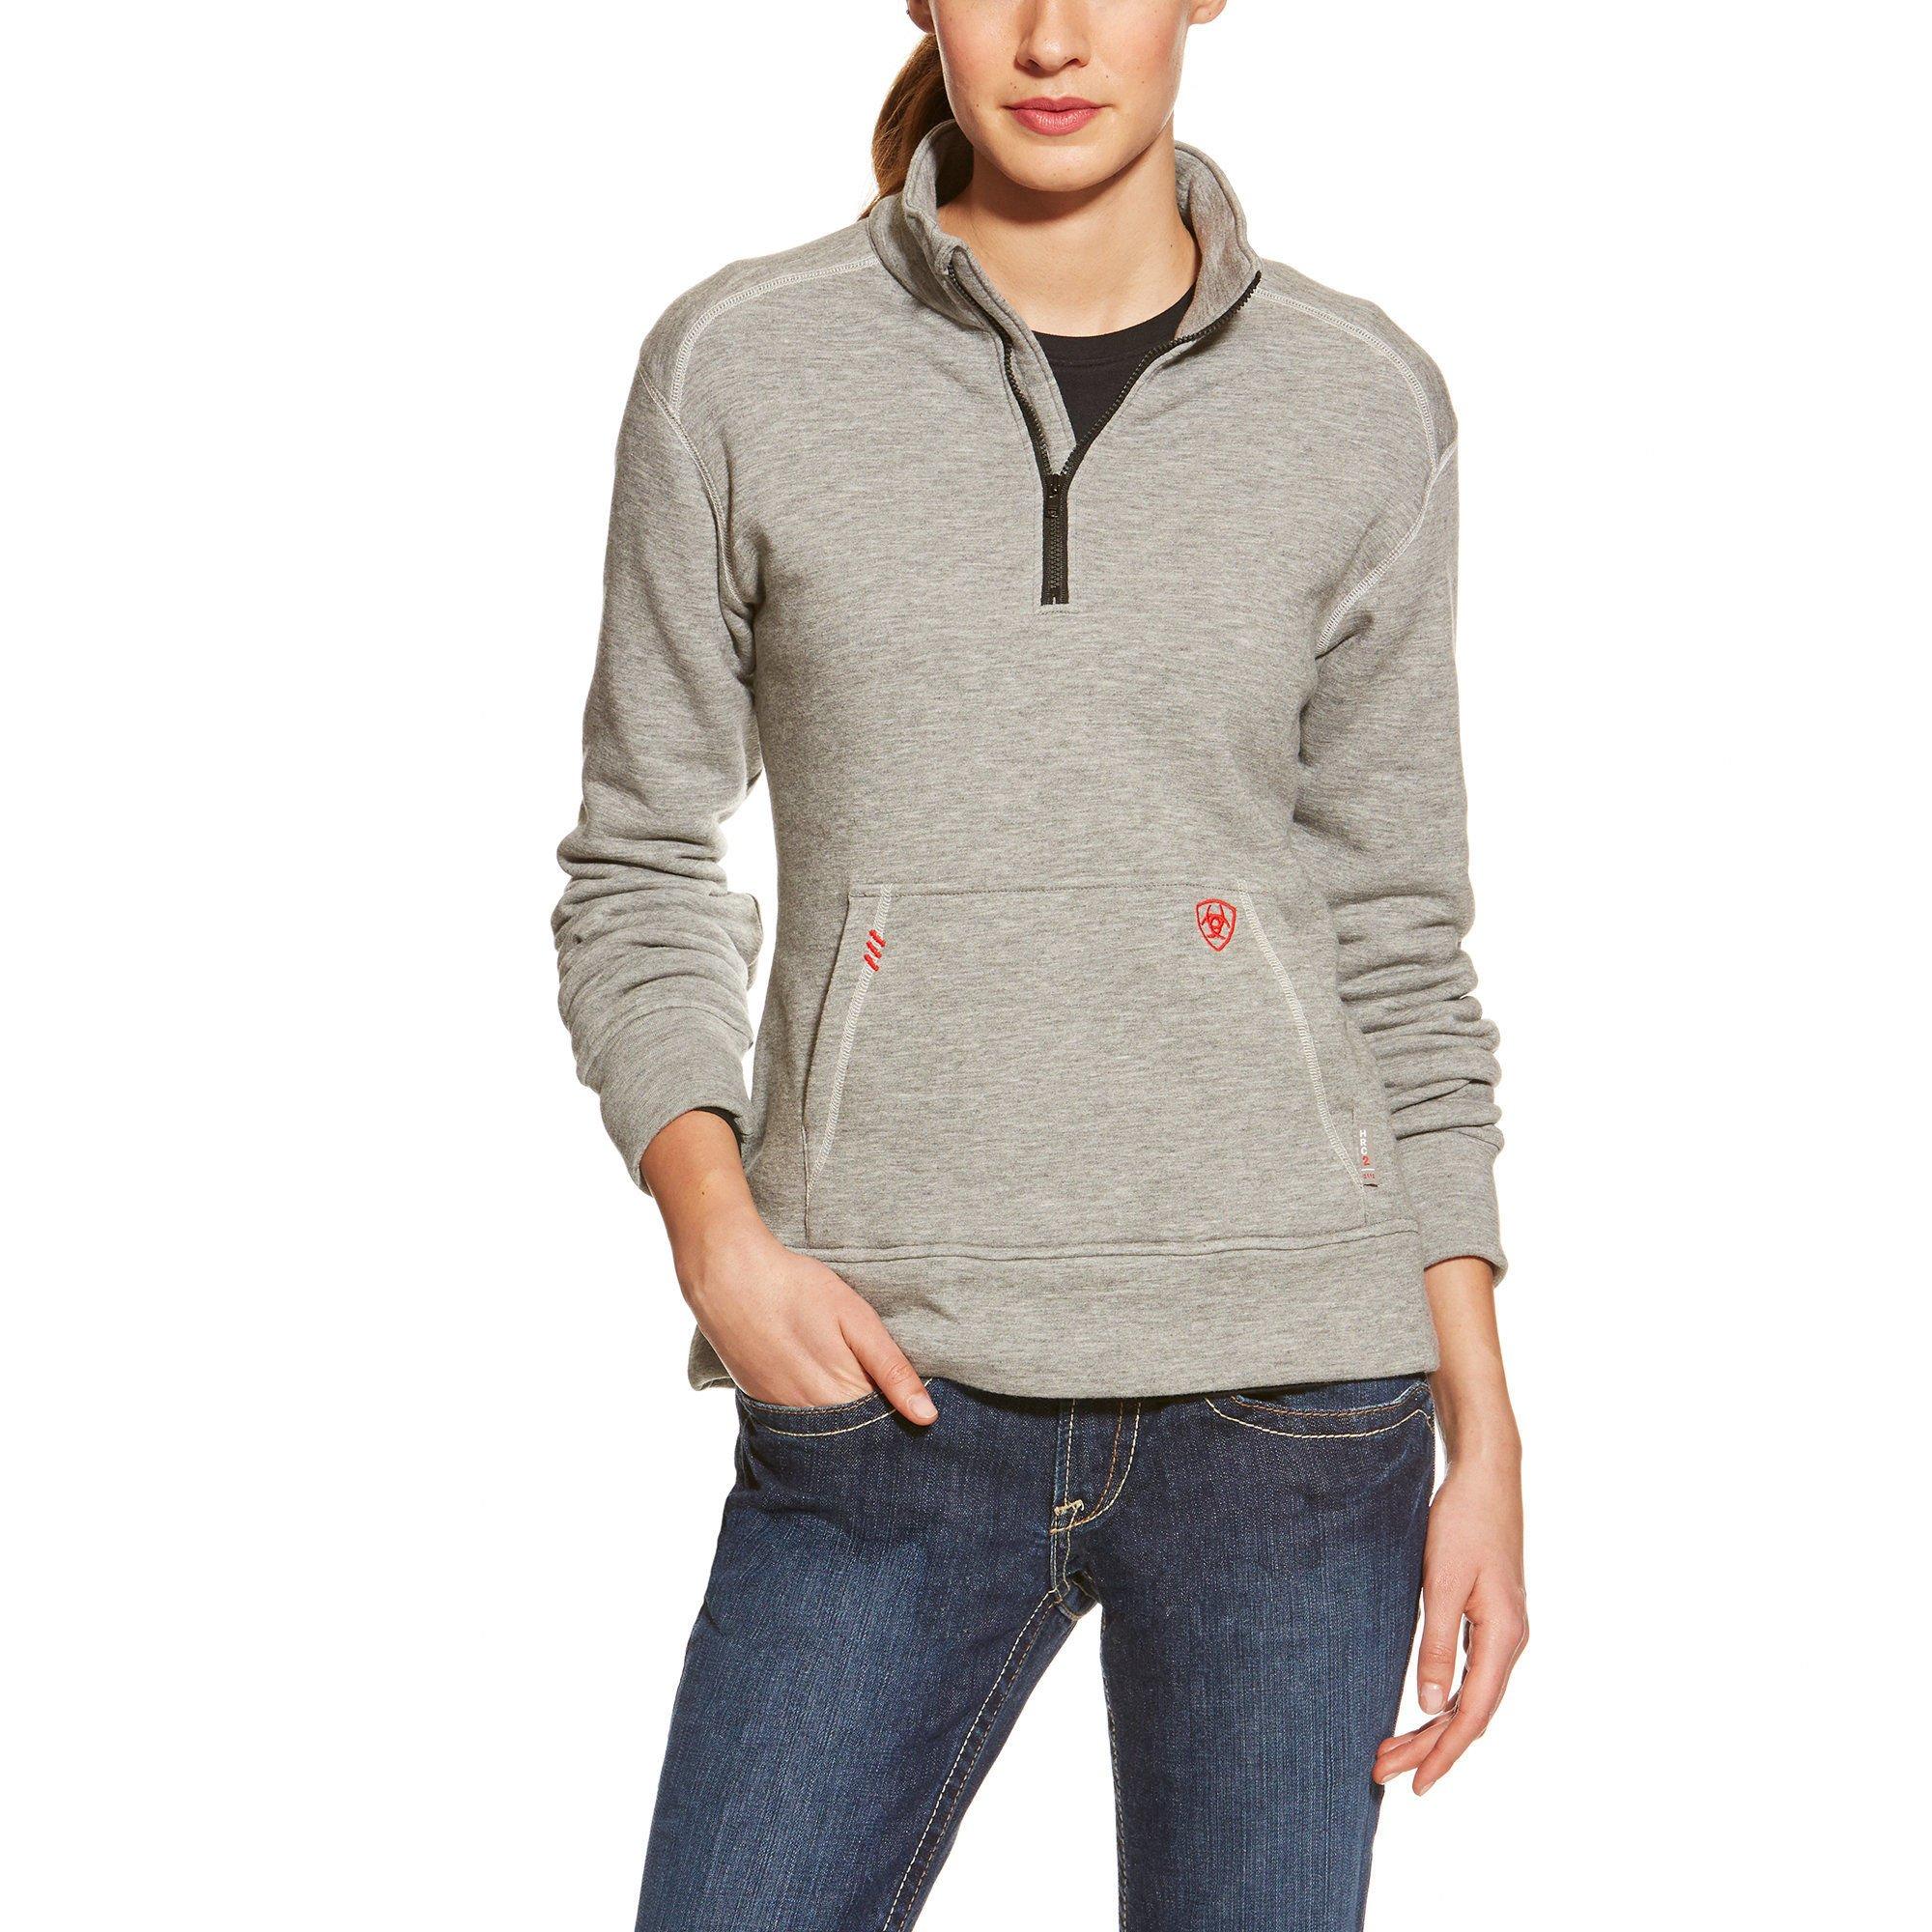 Ariat Women's Flame Resistant Polartec 1/4 Zip Fleece, Heather Gray, Large